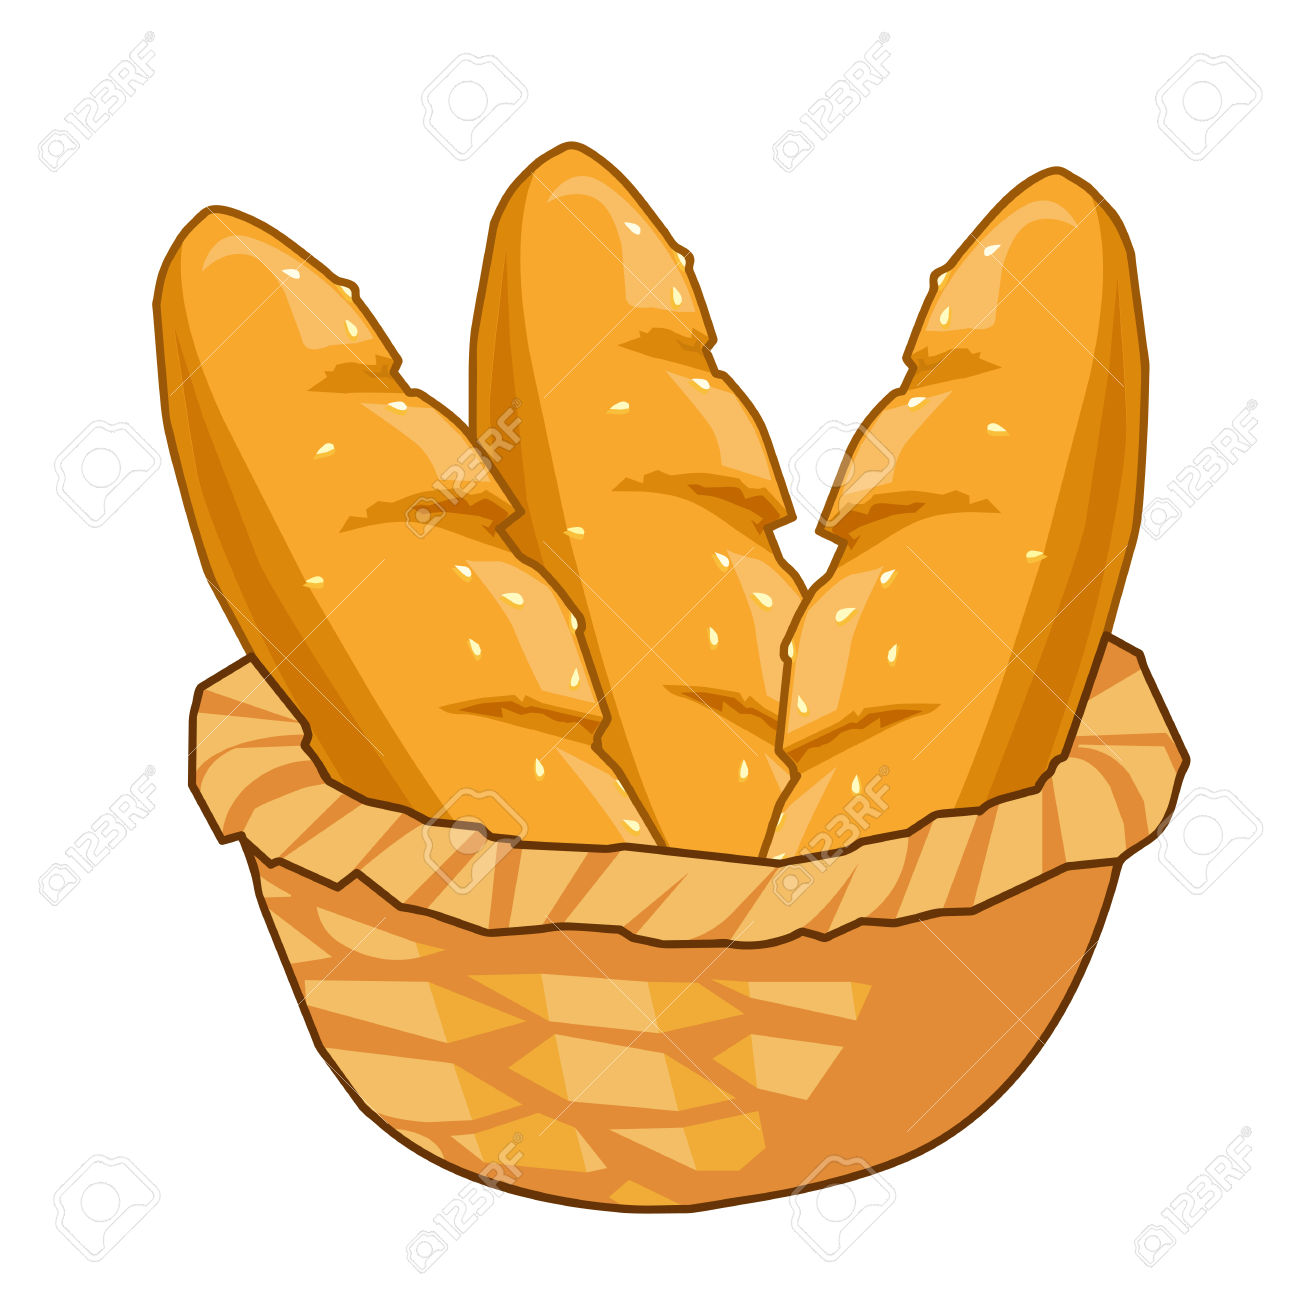 1300x1300 Bread Roll Clipart Bread Basket